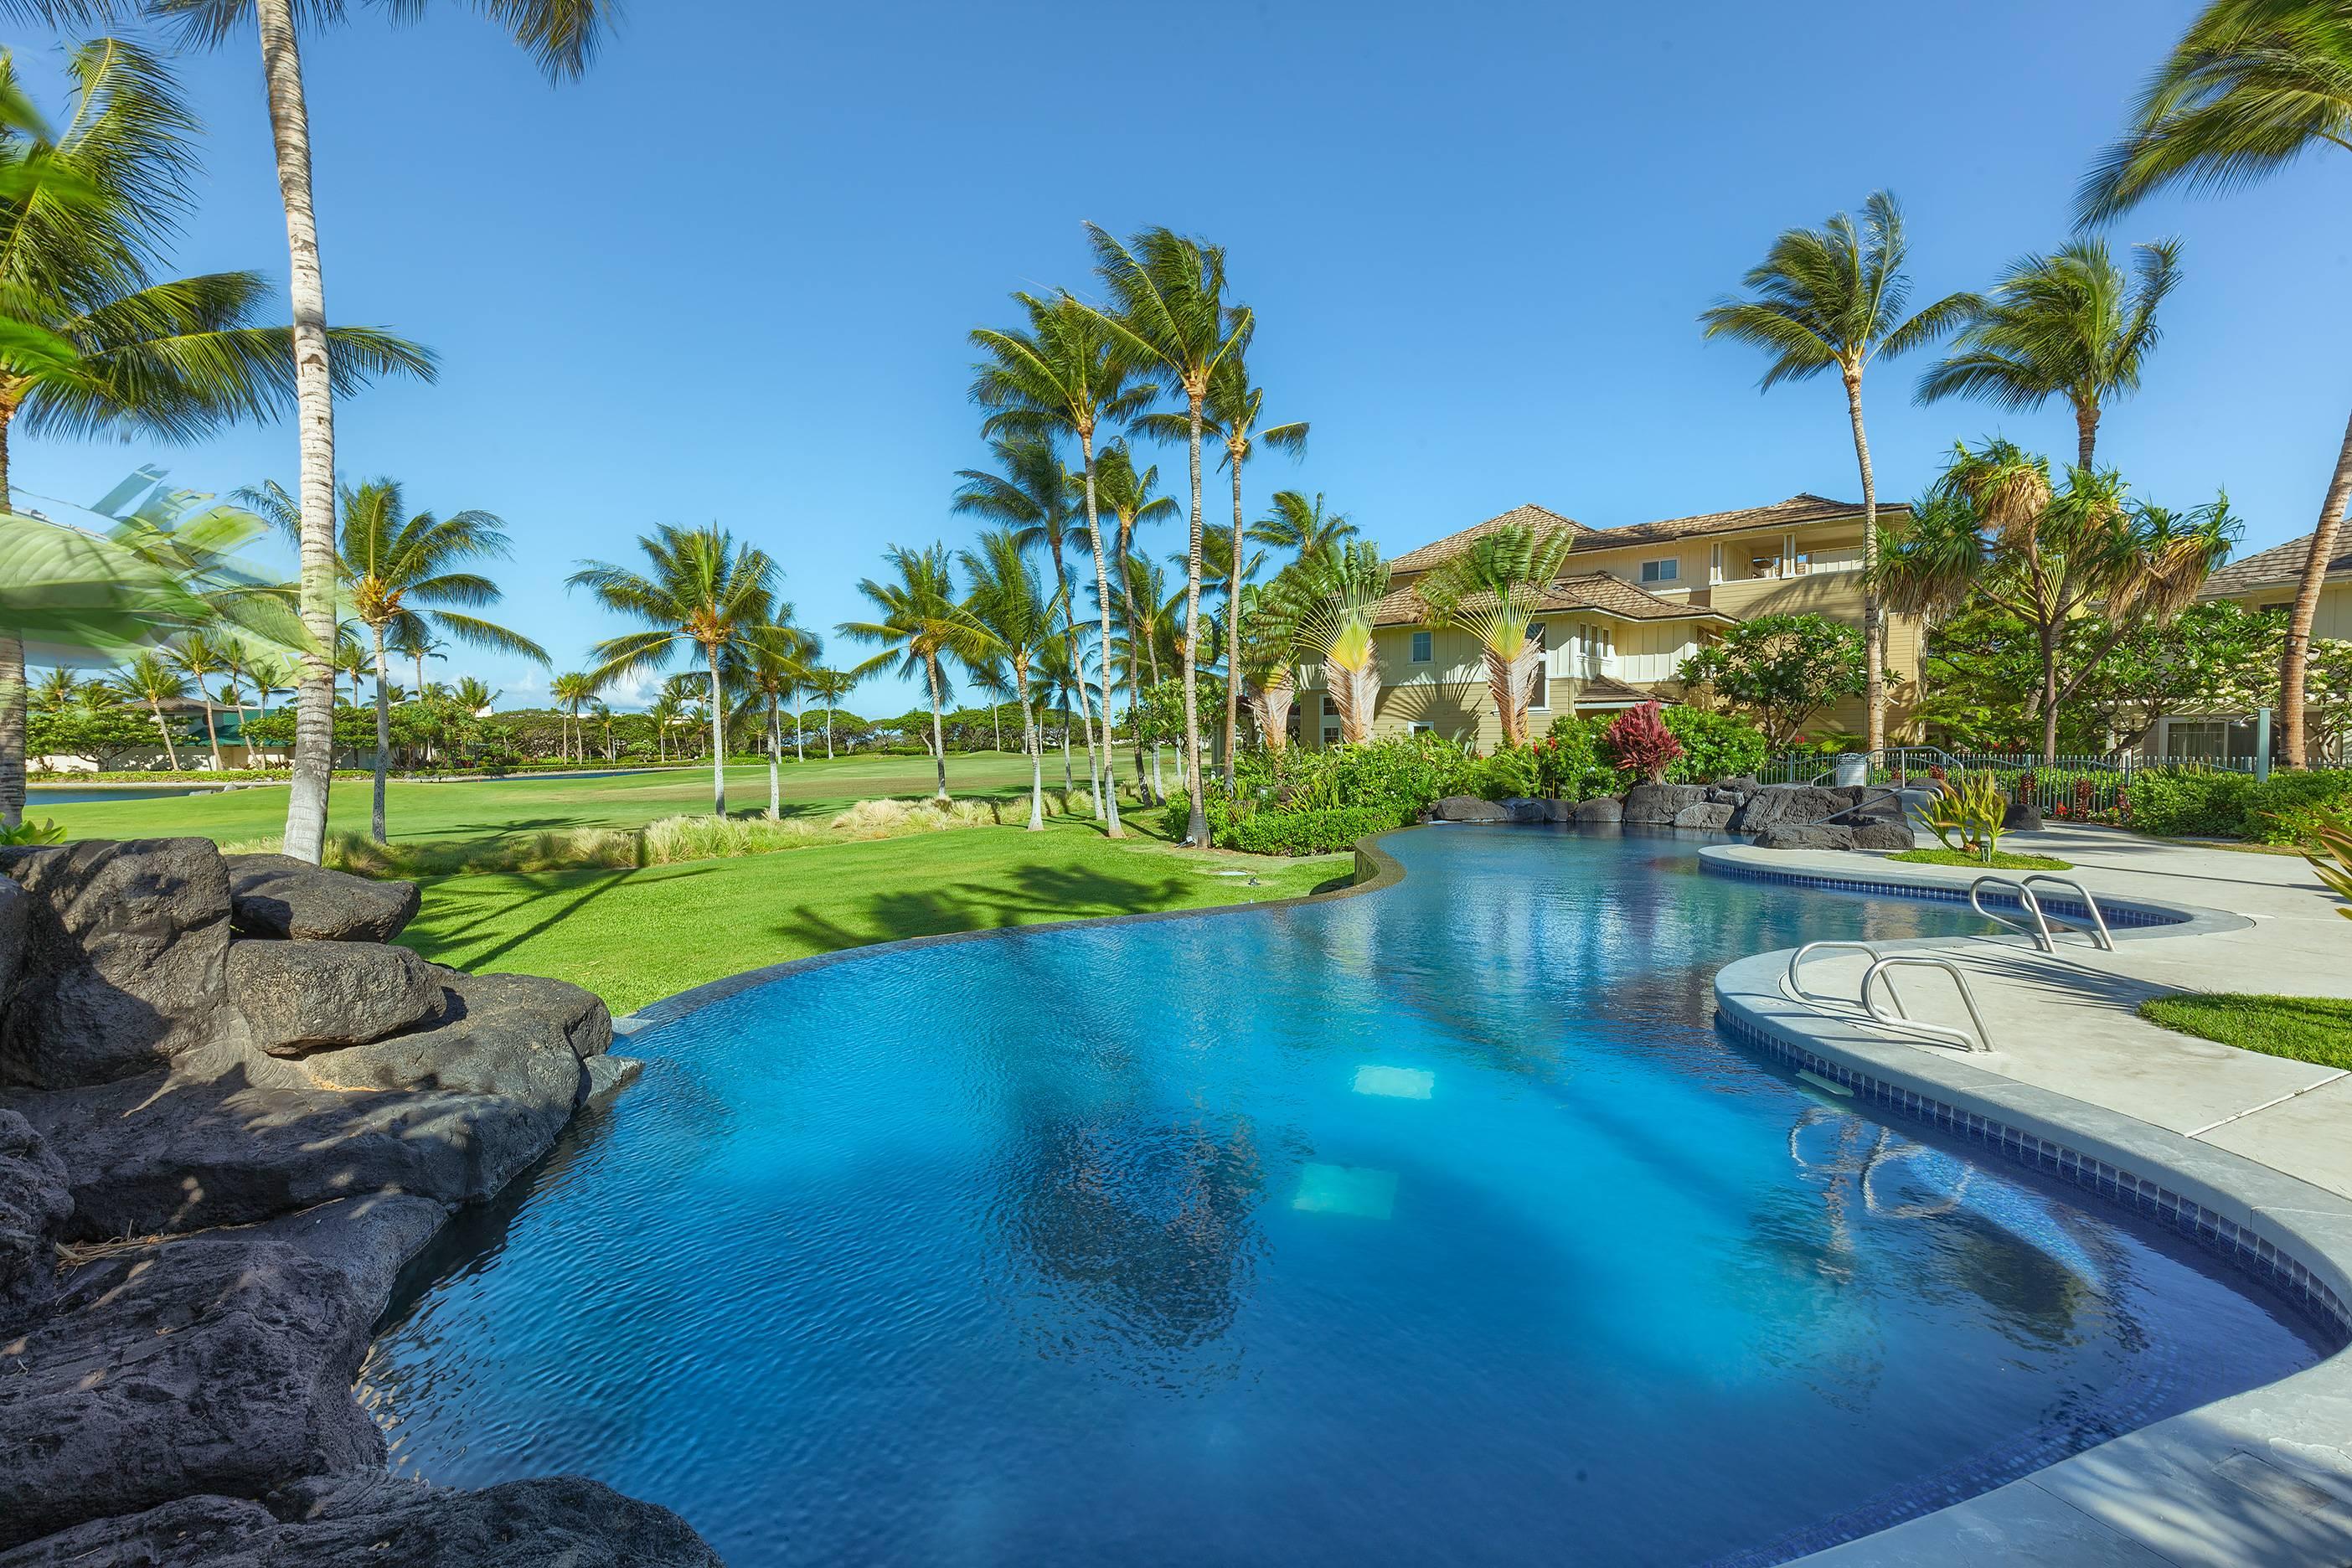 Fairway Villas pool at Waikoloa Resort